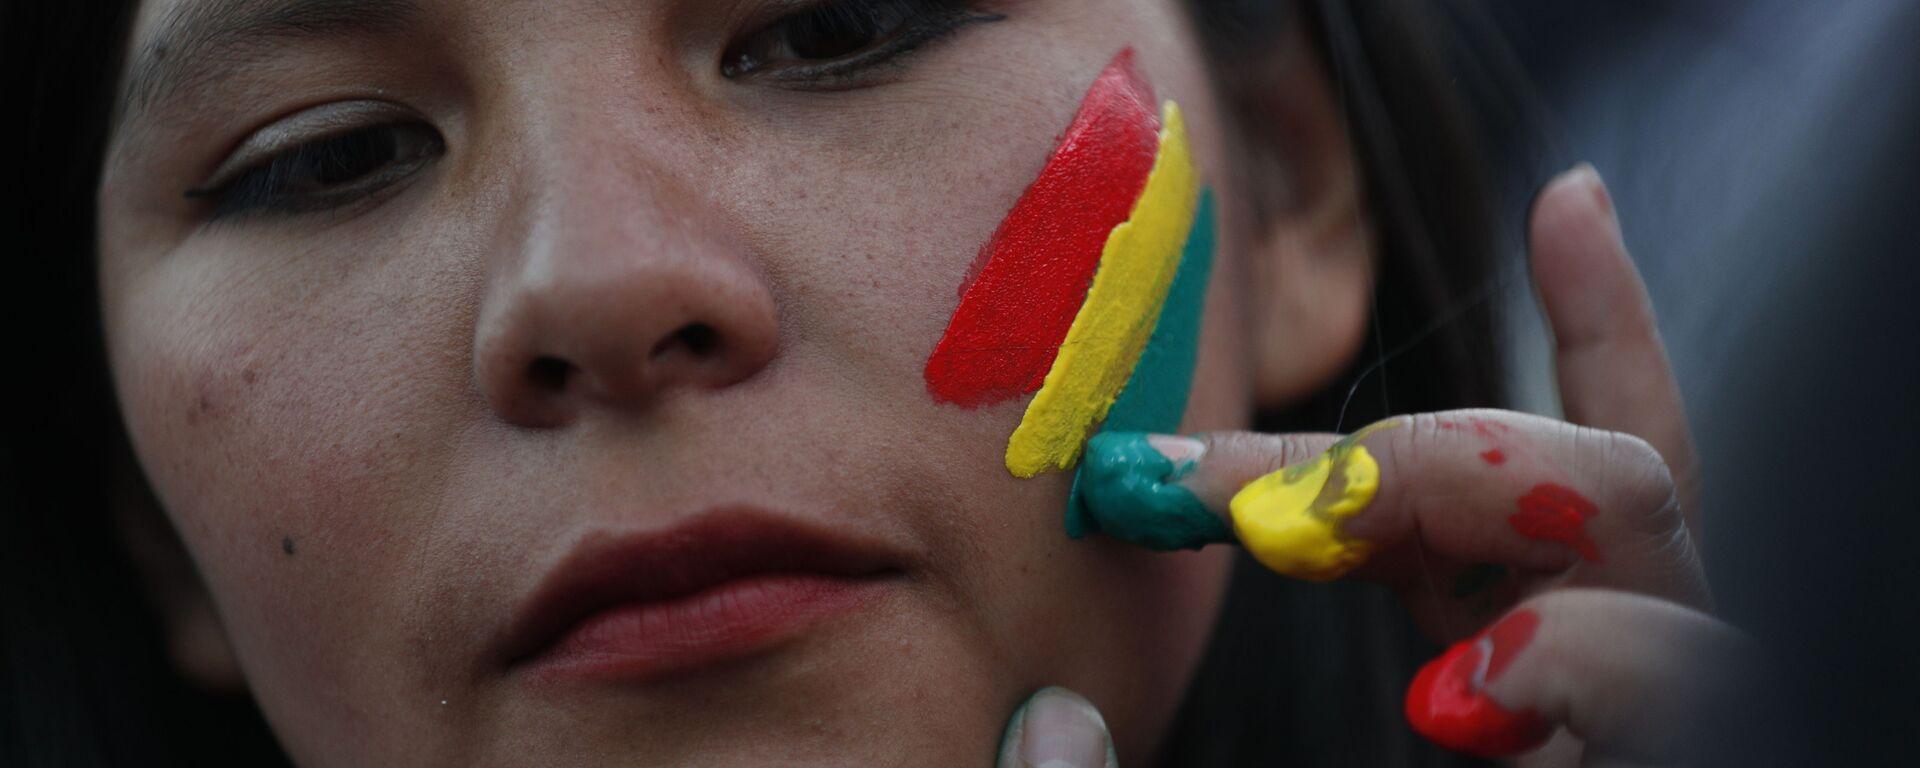 Una mujer pinta los colores de la bandera boliviana en su rostro - Sputnik Mundo, 1920, 06.03.2021